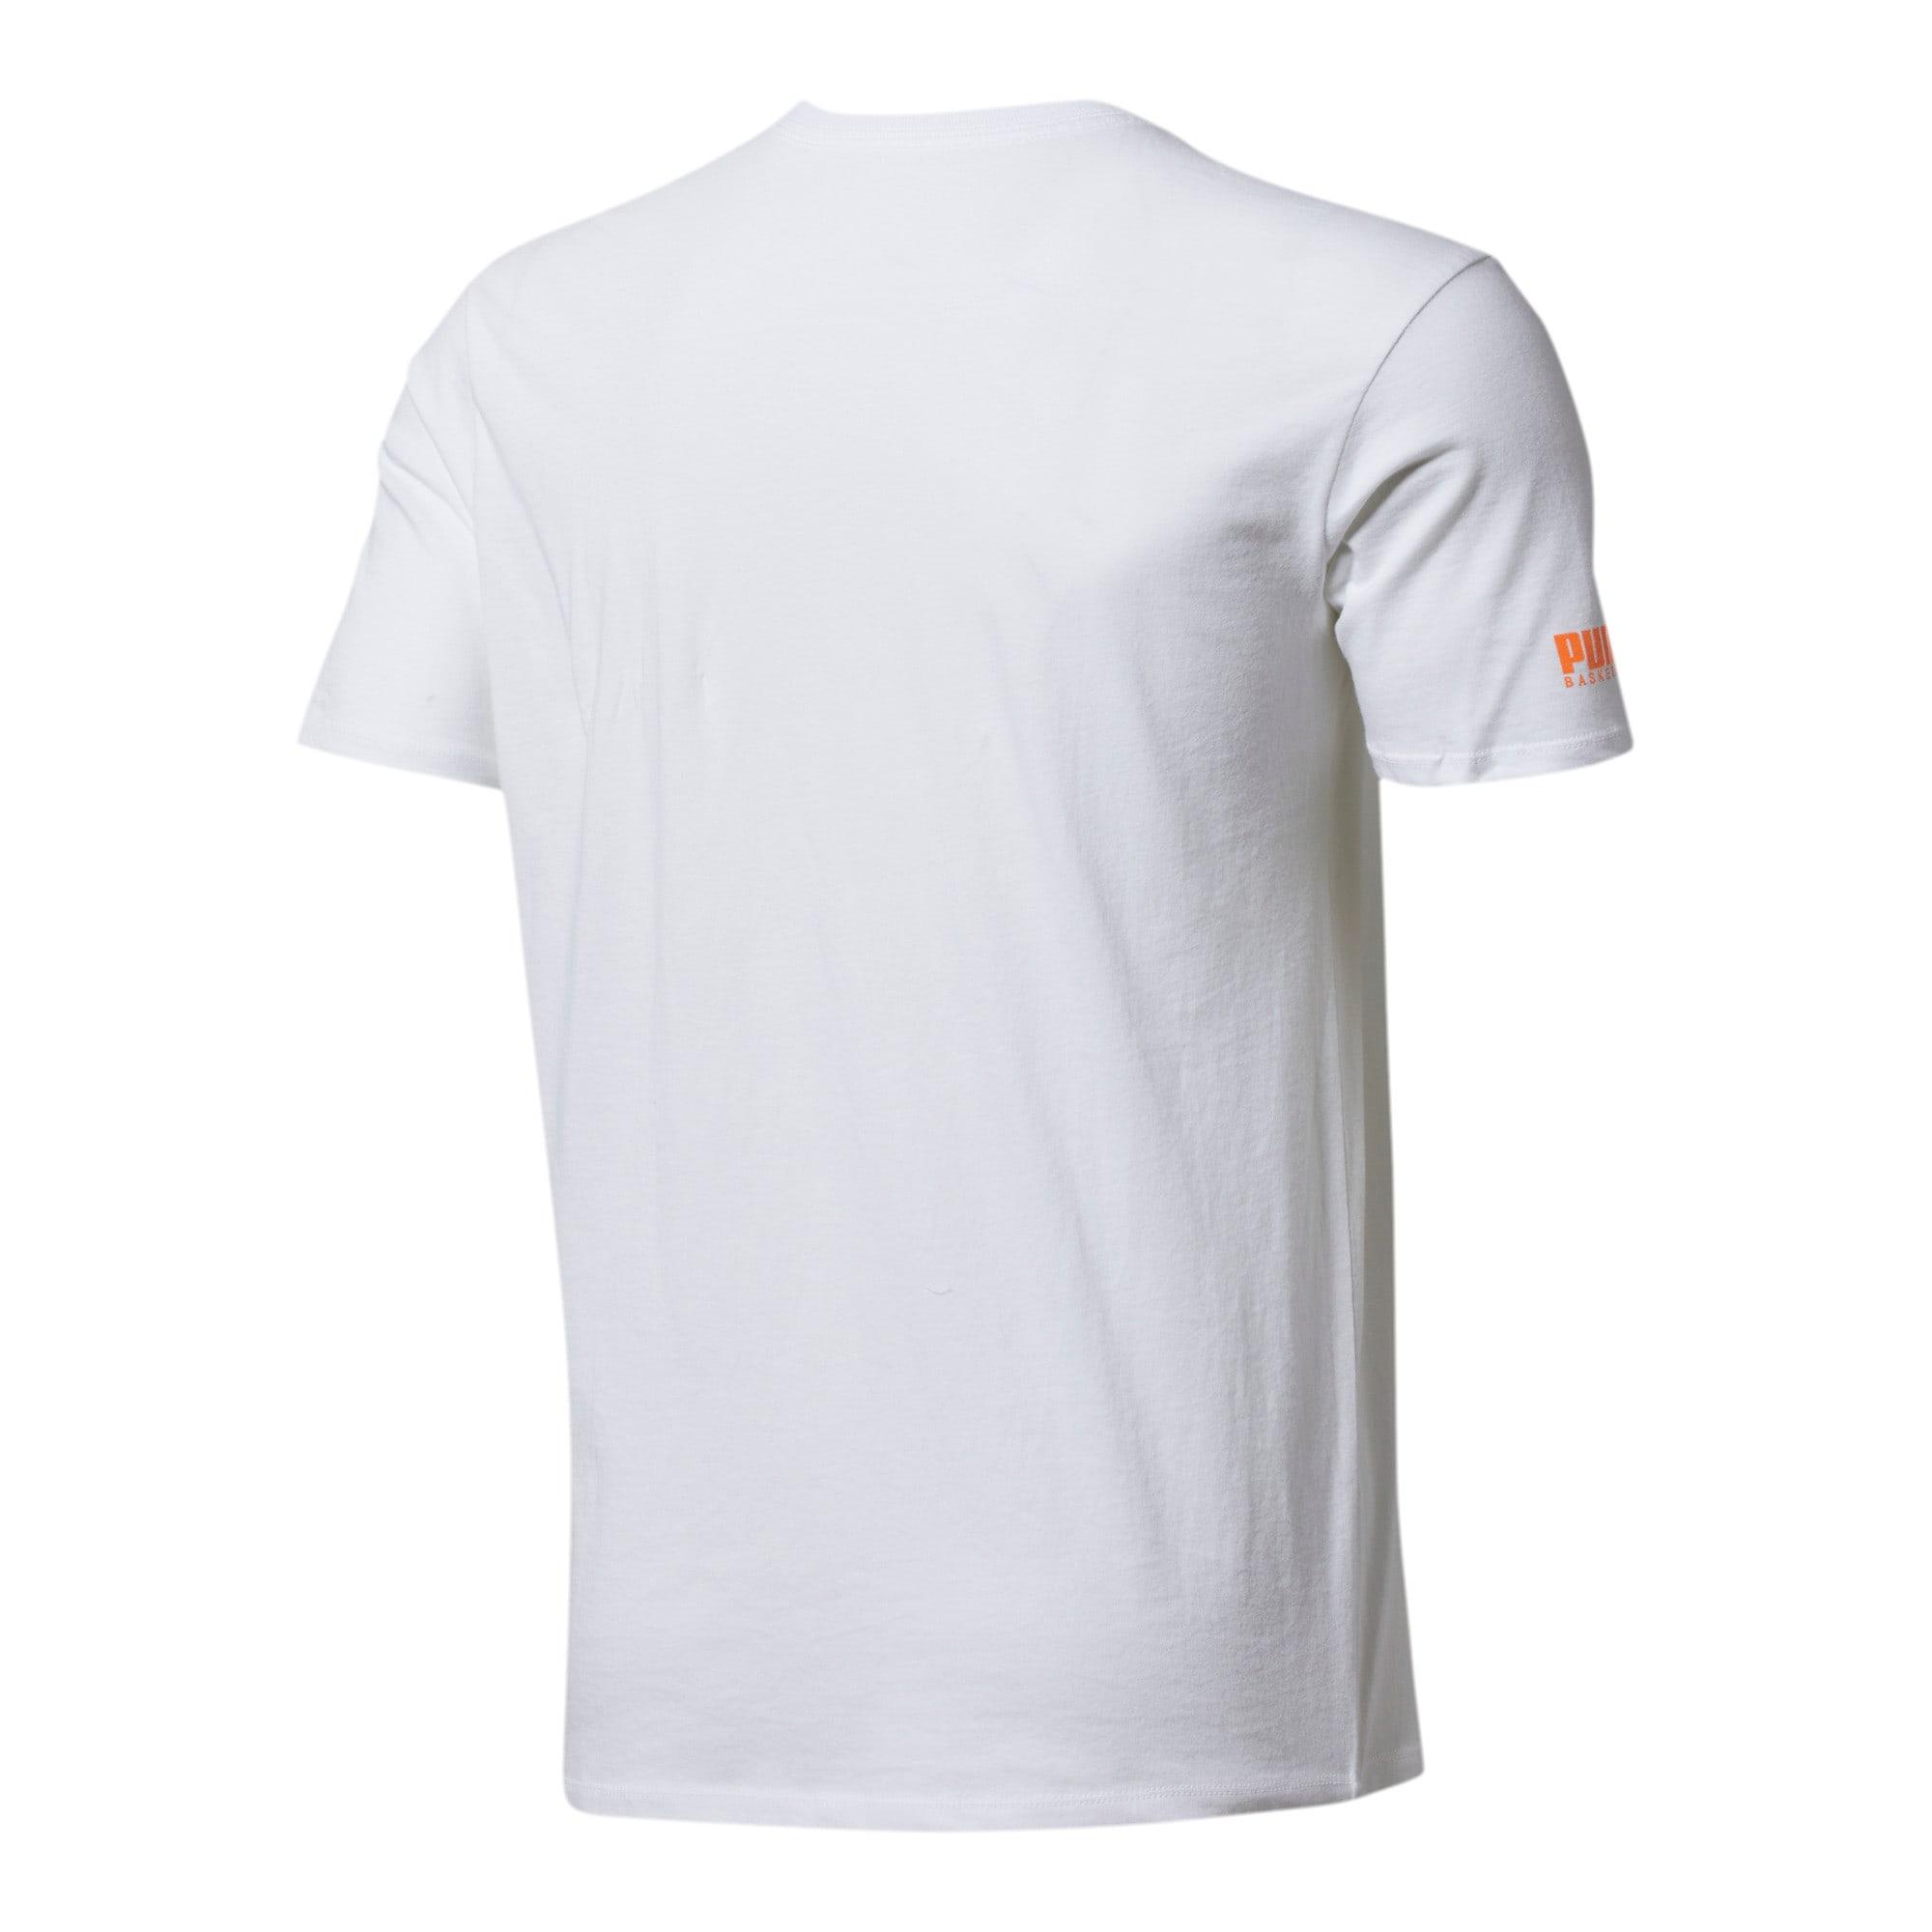 Miniatura 2 de Camiseta RJ Loves NY, Puma White, mediano